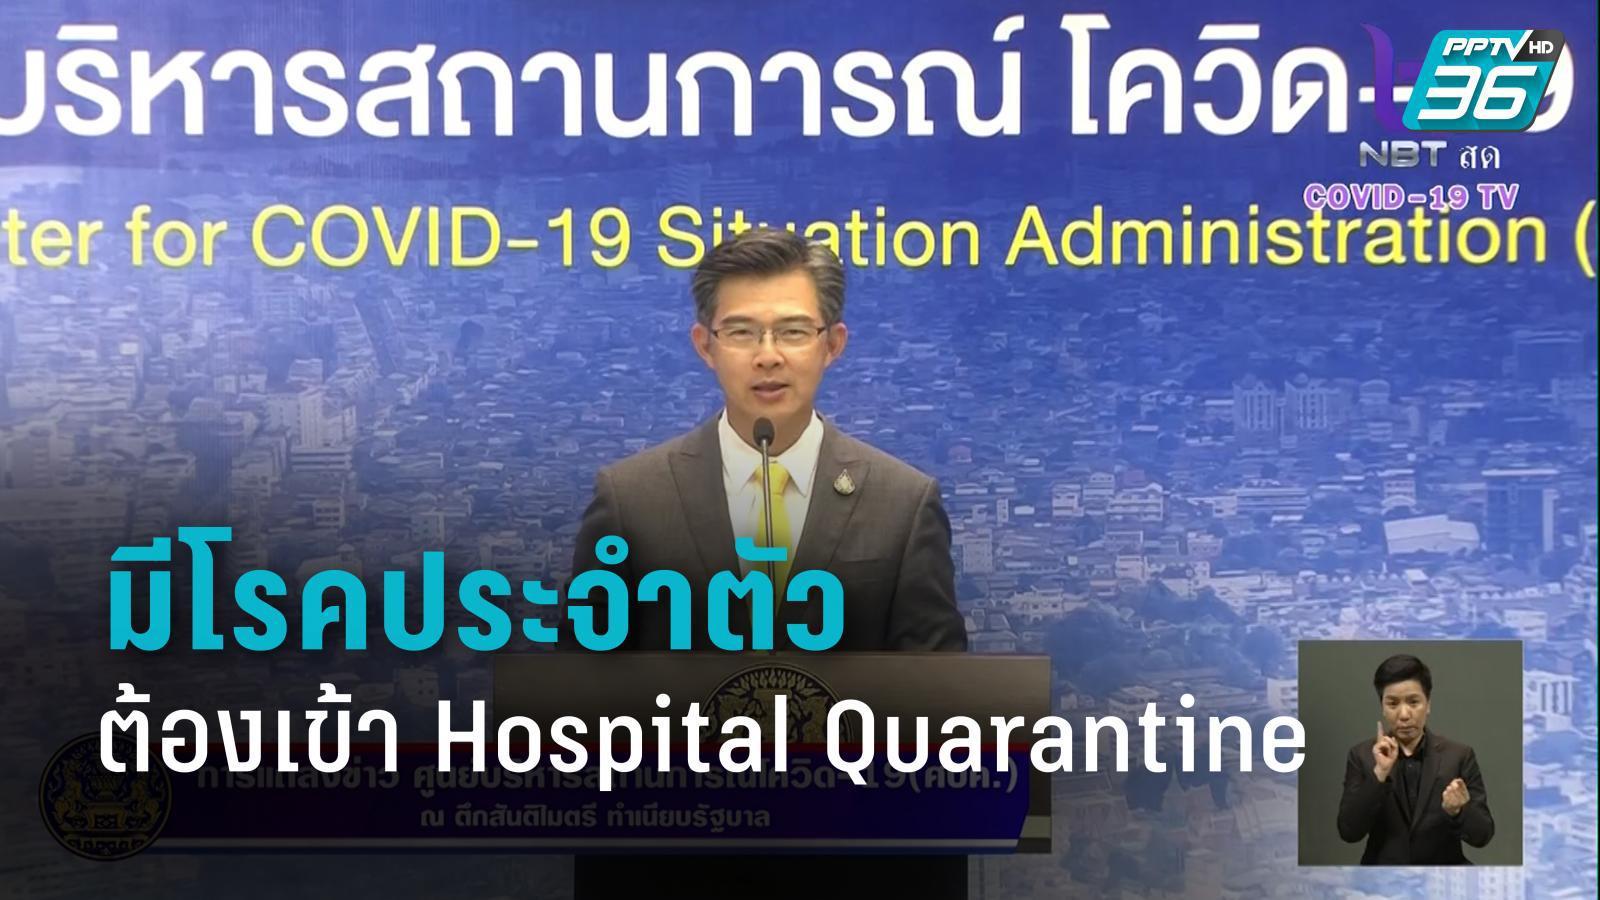 ศบค. ล้อมคอก คนมีโรคประจำตัว ให้กักตัวใน Hospital Quarantine